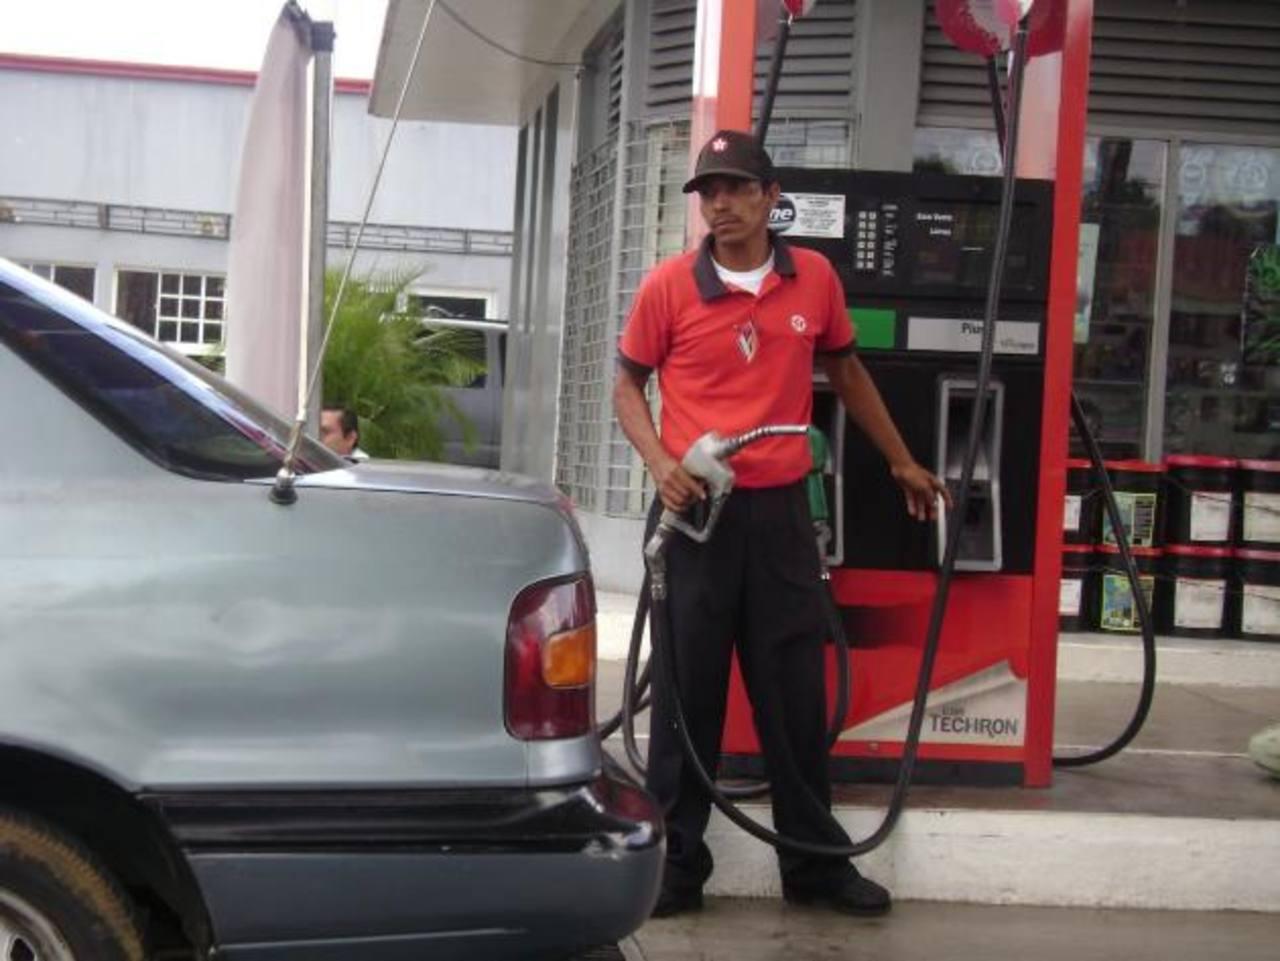 La gasolina en Nicaragua tiene un precio de $1.24 el litro.